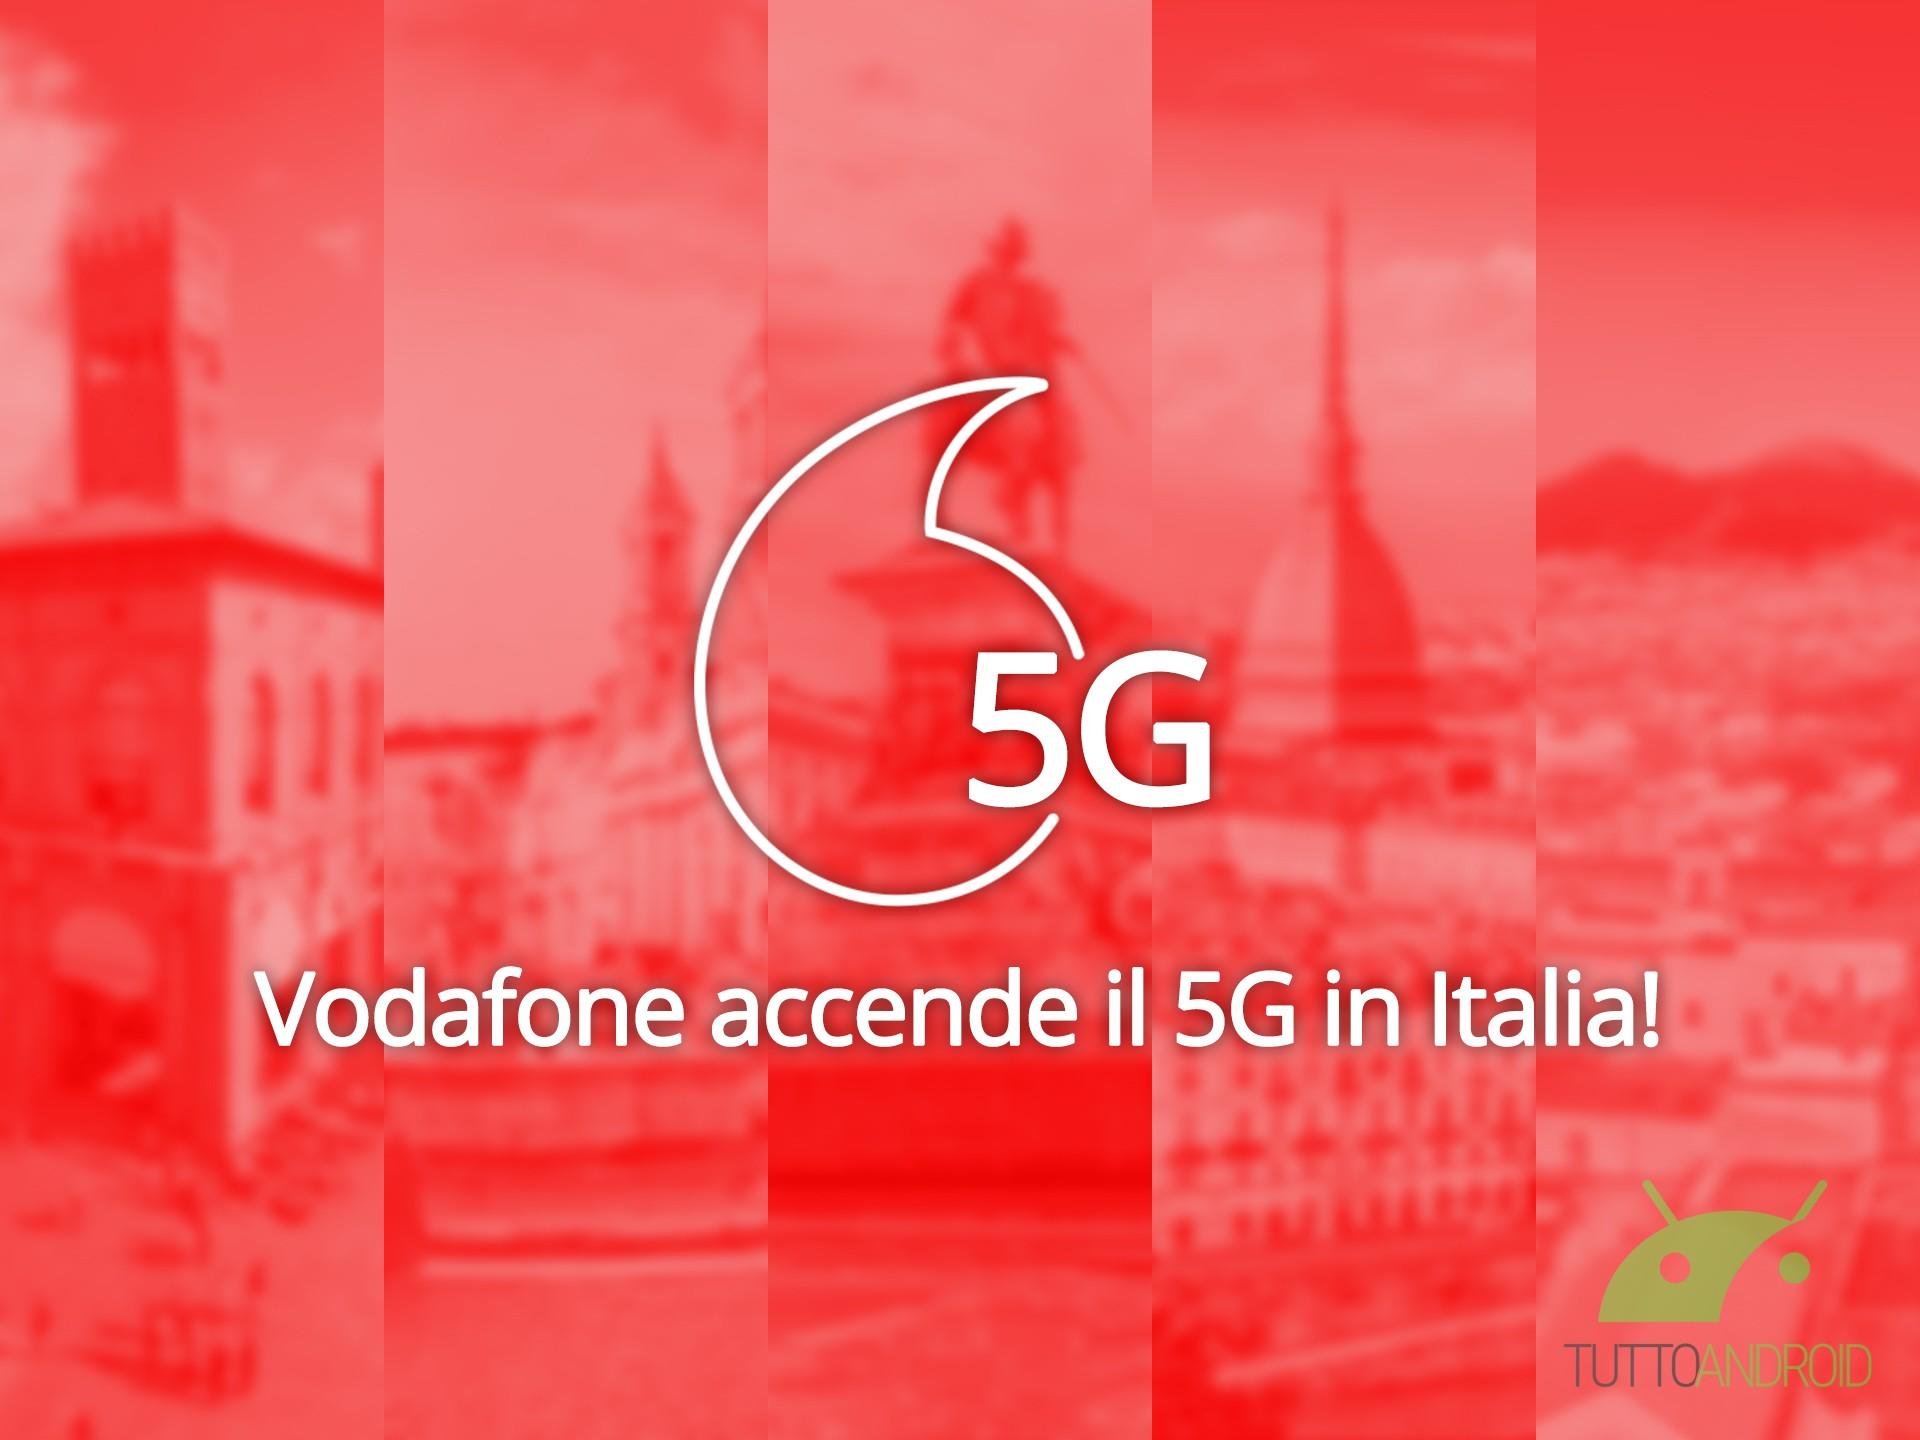 Il 5G di Vodafone è attivo in Italia da oggi: ecco le offerte e gli smartphone compatibili